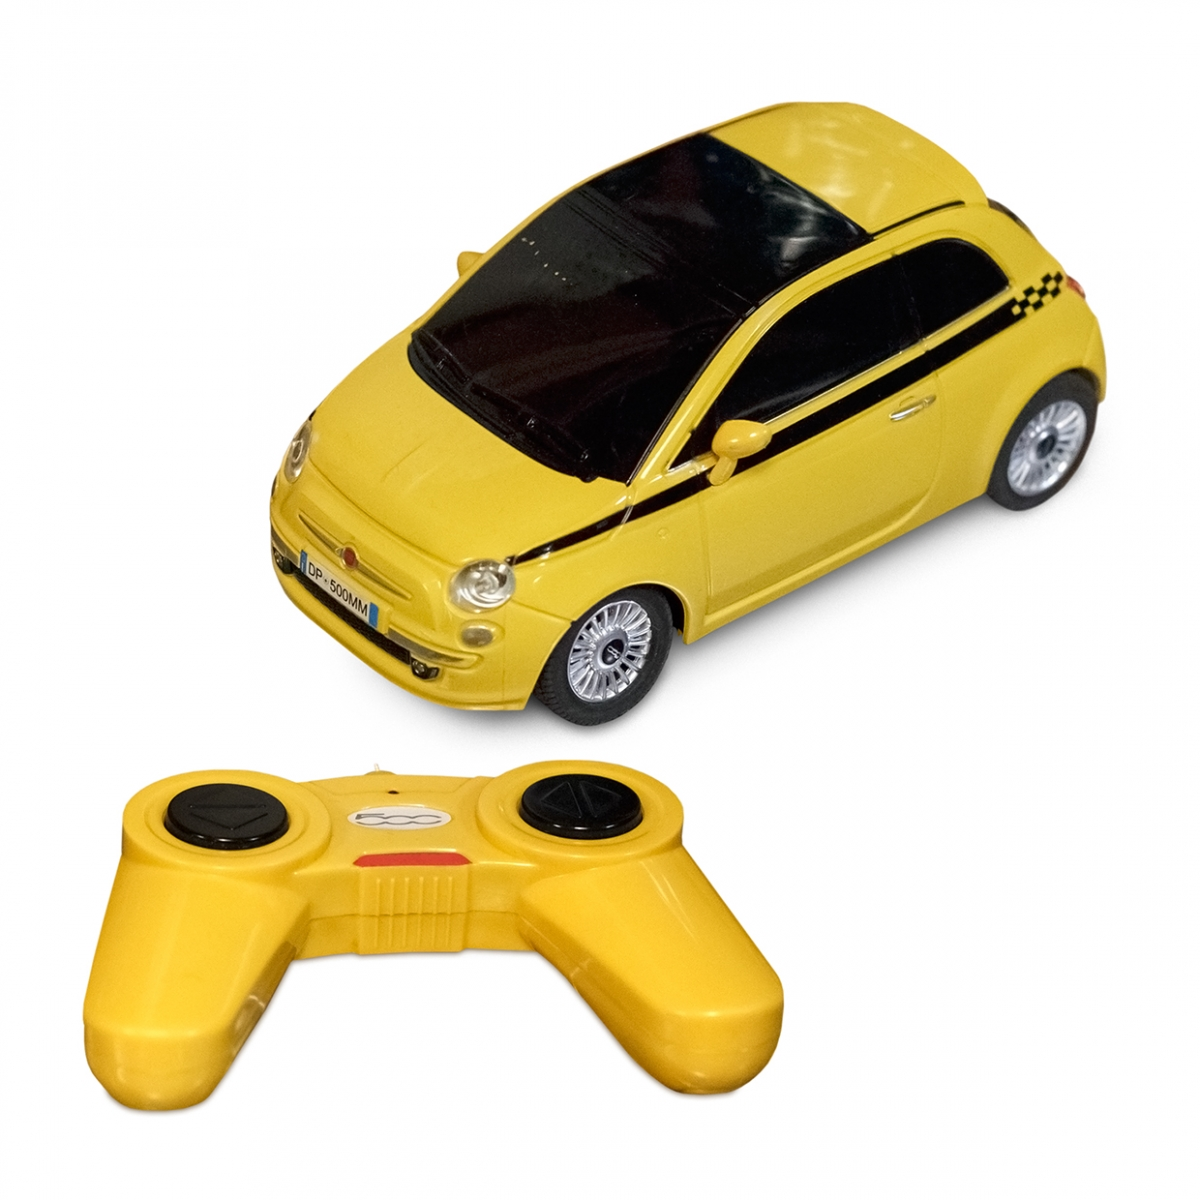 Imagen en la que se ve un coche teledirigido